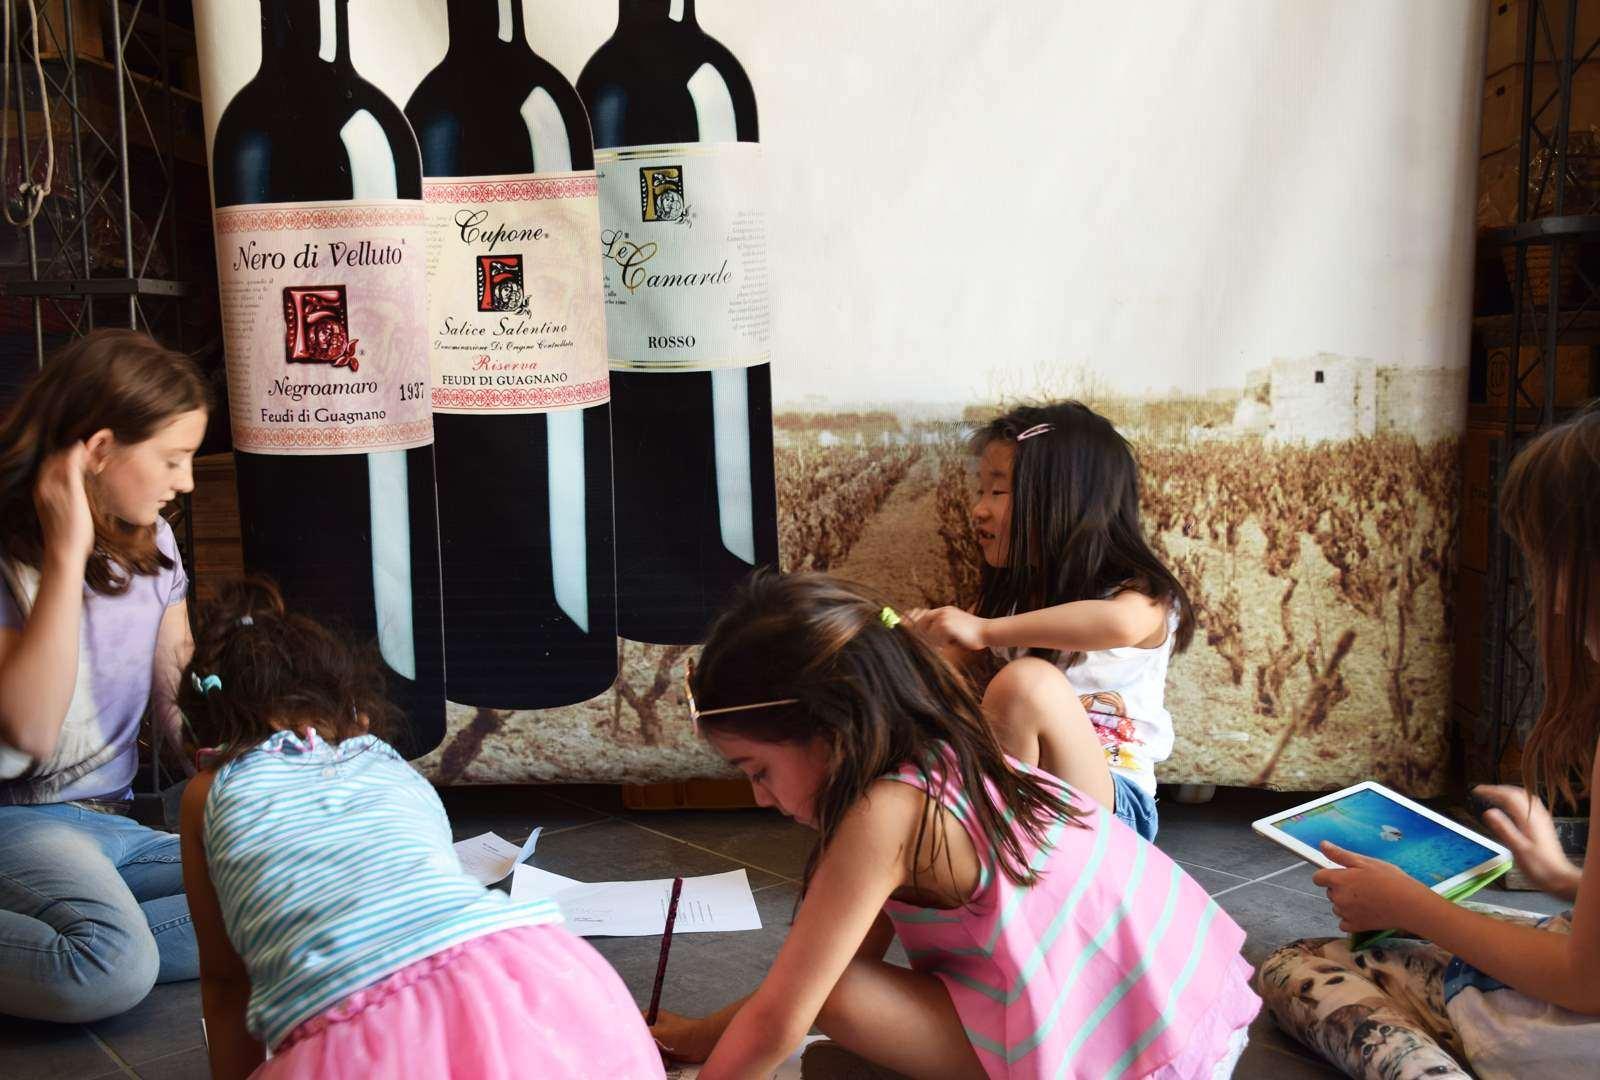 la cantina feudi di guagnano wine library